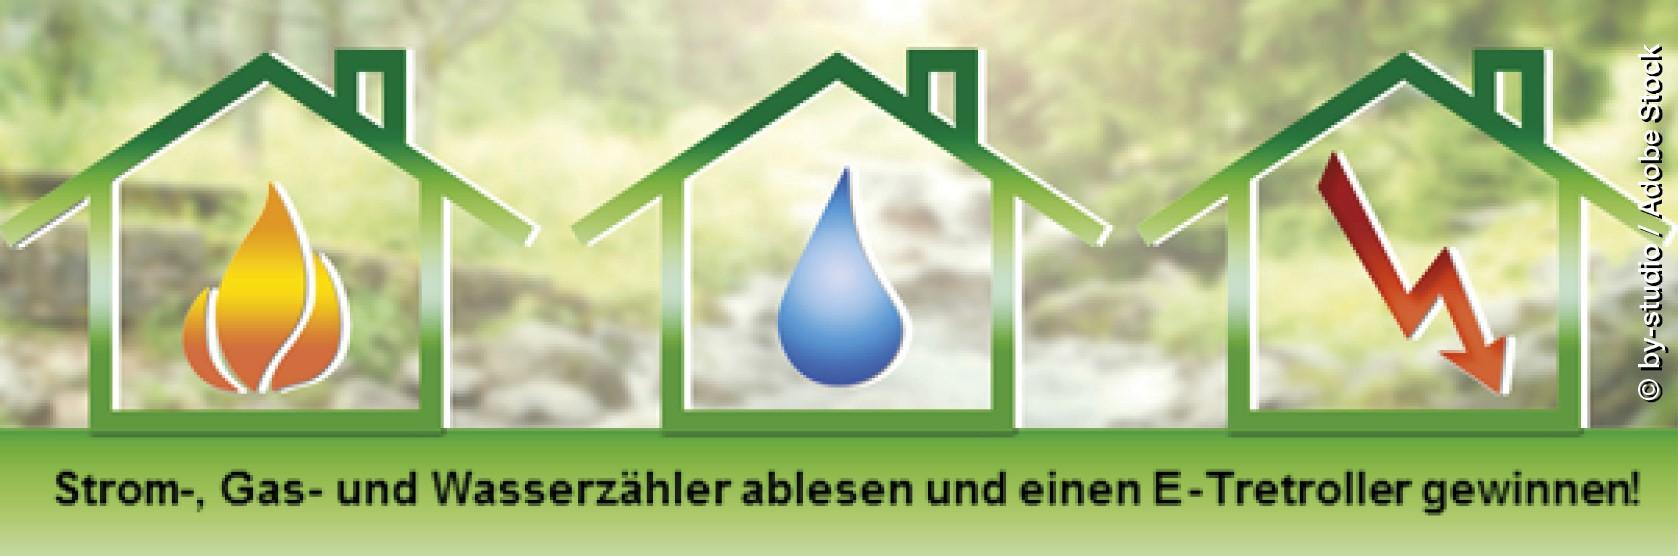 Strom-, Gas- und Wasserzähler ablesen und einen E-Tretroller gewinnen!(Bild: by-studio / Adobe Stock)